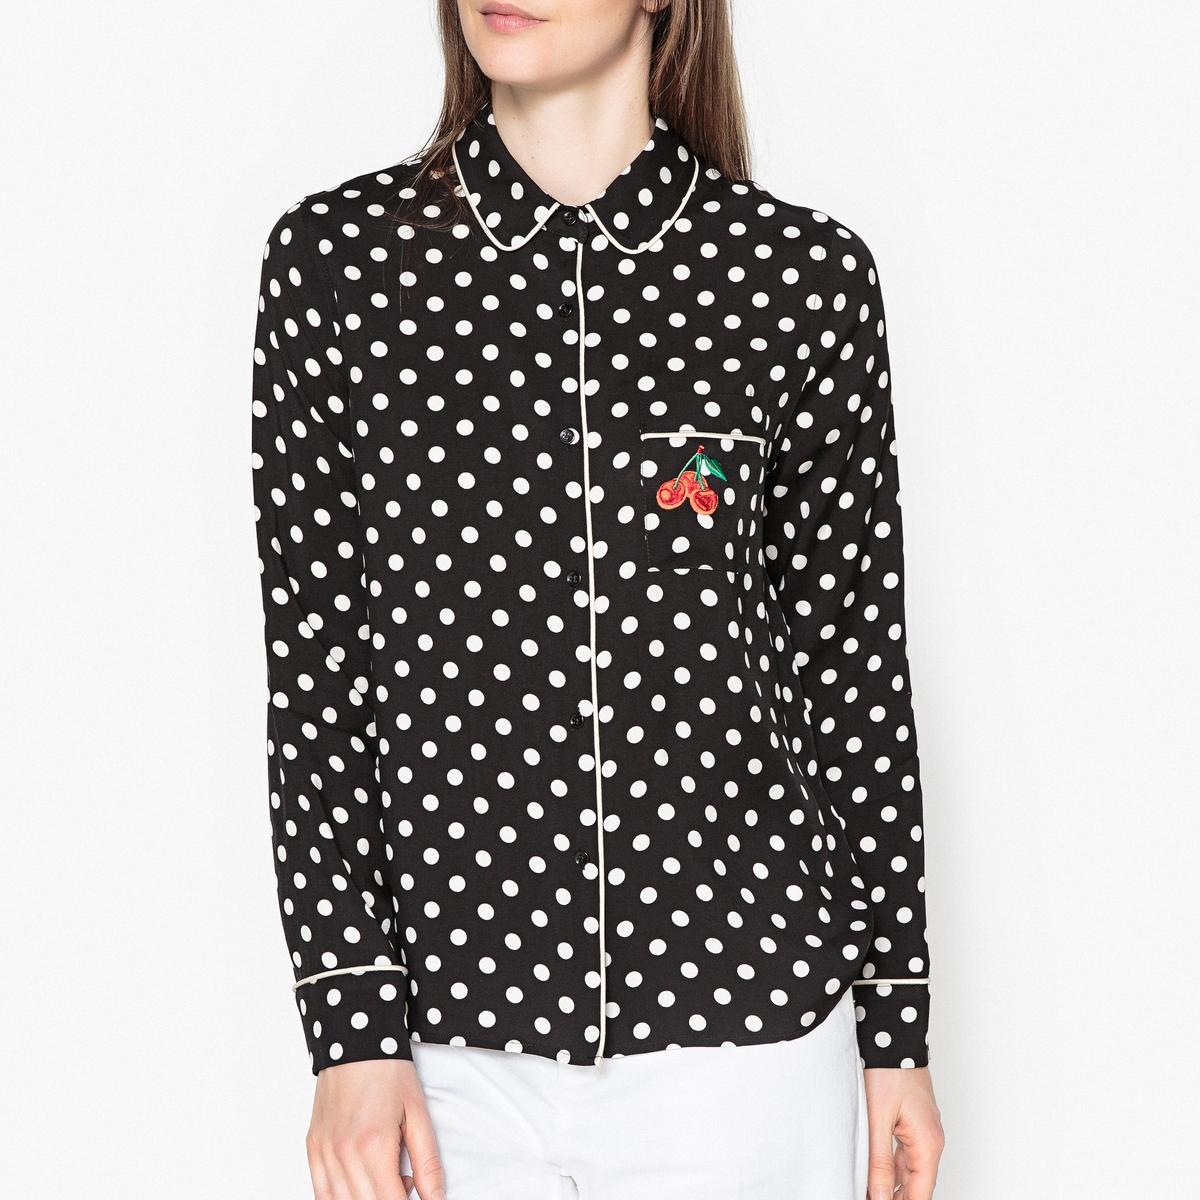 Рубашка с принтом в горошек PATASHA рубашка в мелкий горошек